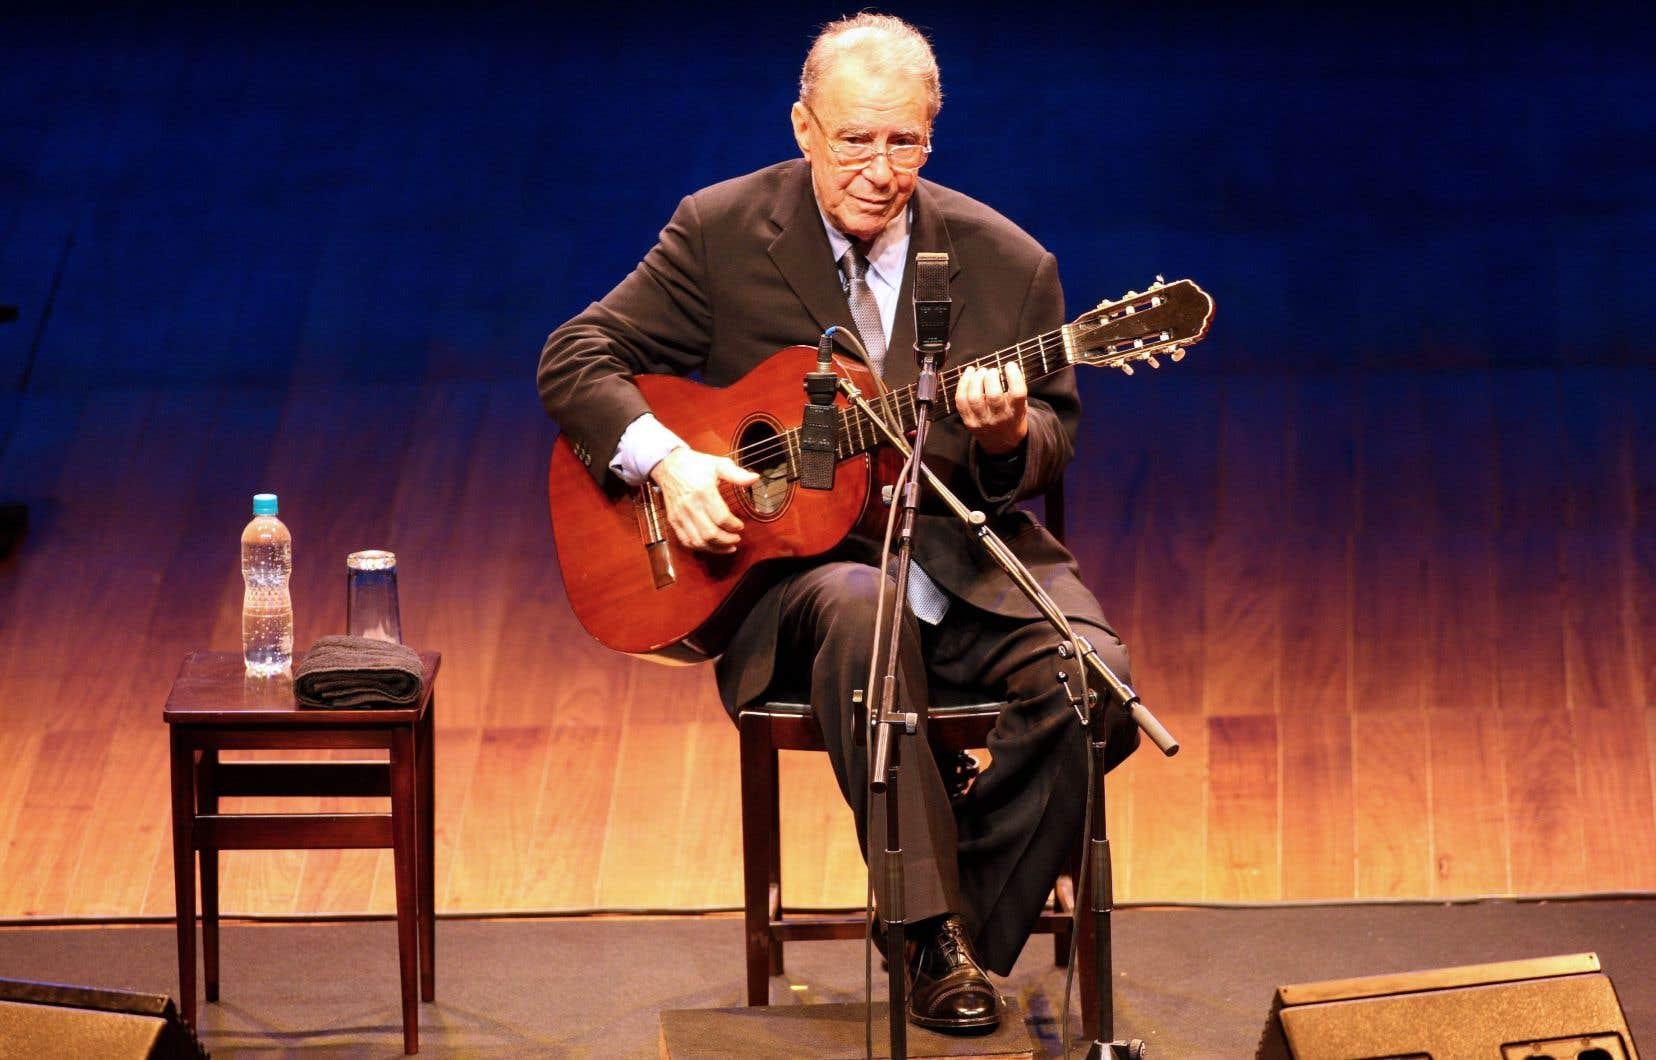 Le chanteur et compositeur brésilien João Gilbertose produit lors d'un concert à Sao Paulo, au Brésil en 2008.Il est l'un des artistes qui ont montré la bossa-nova au monde en 1958.